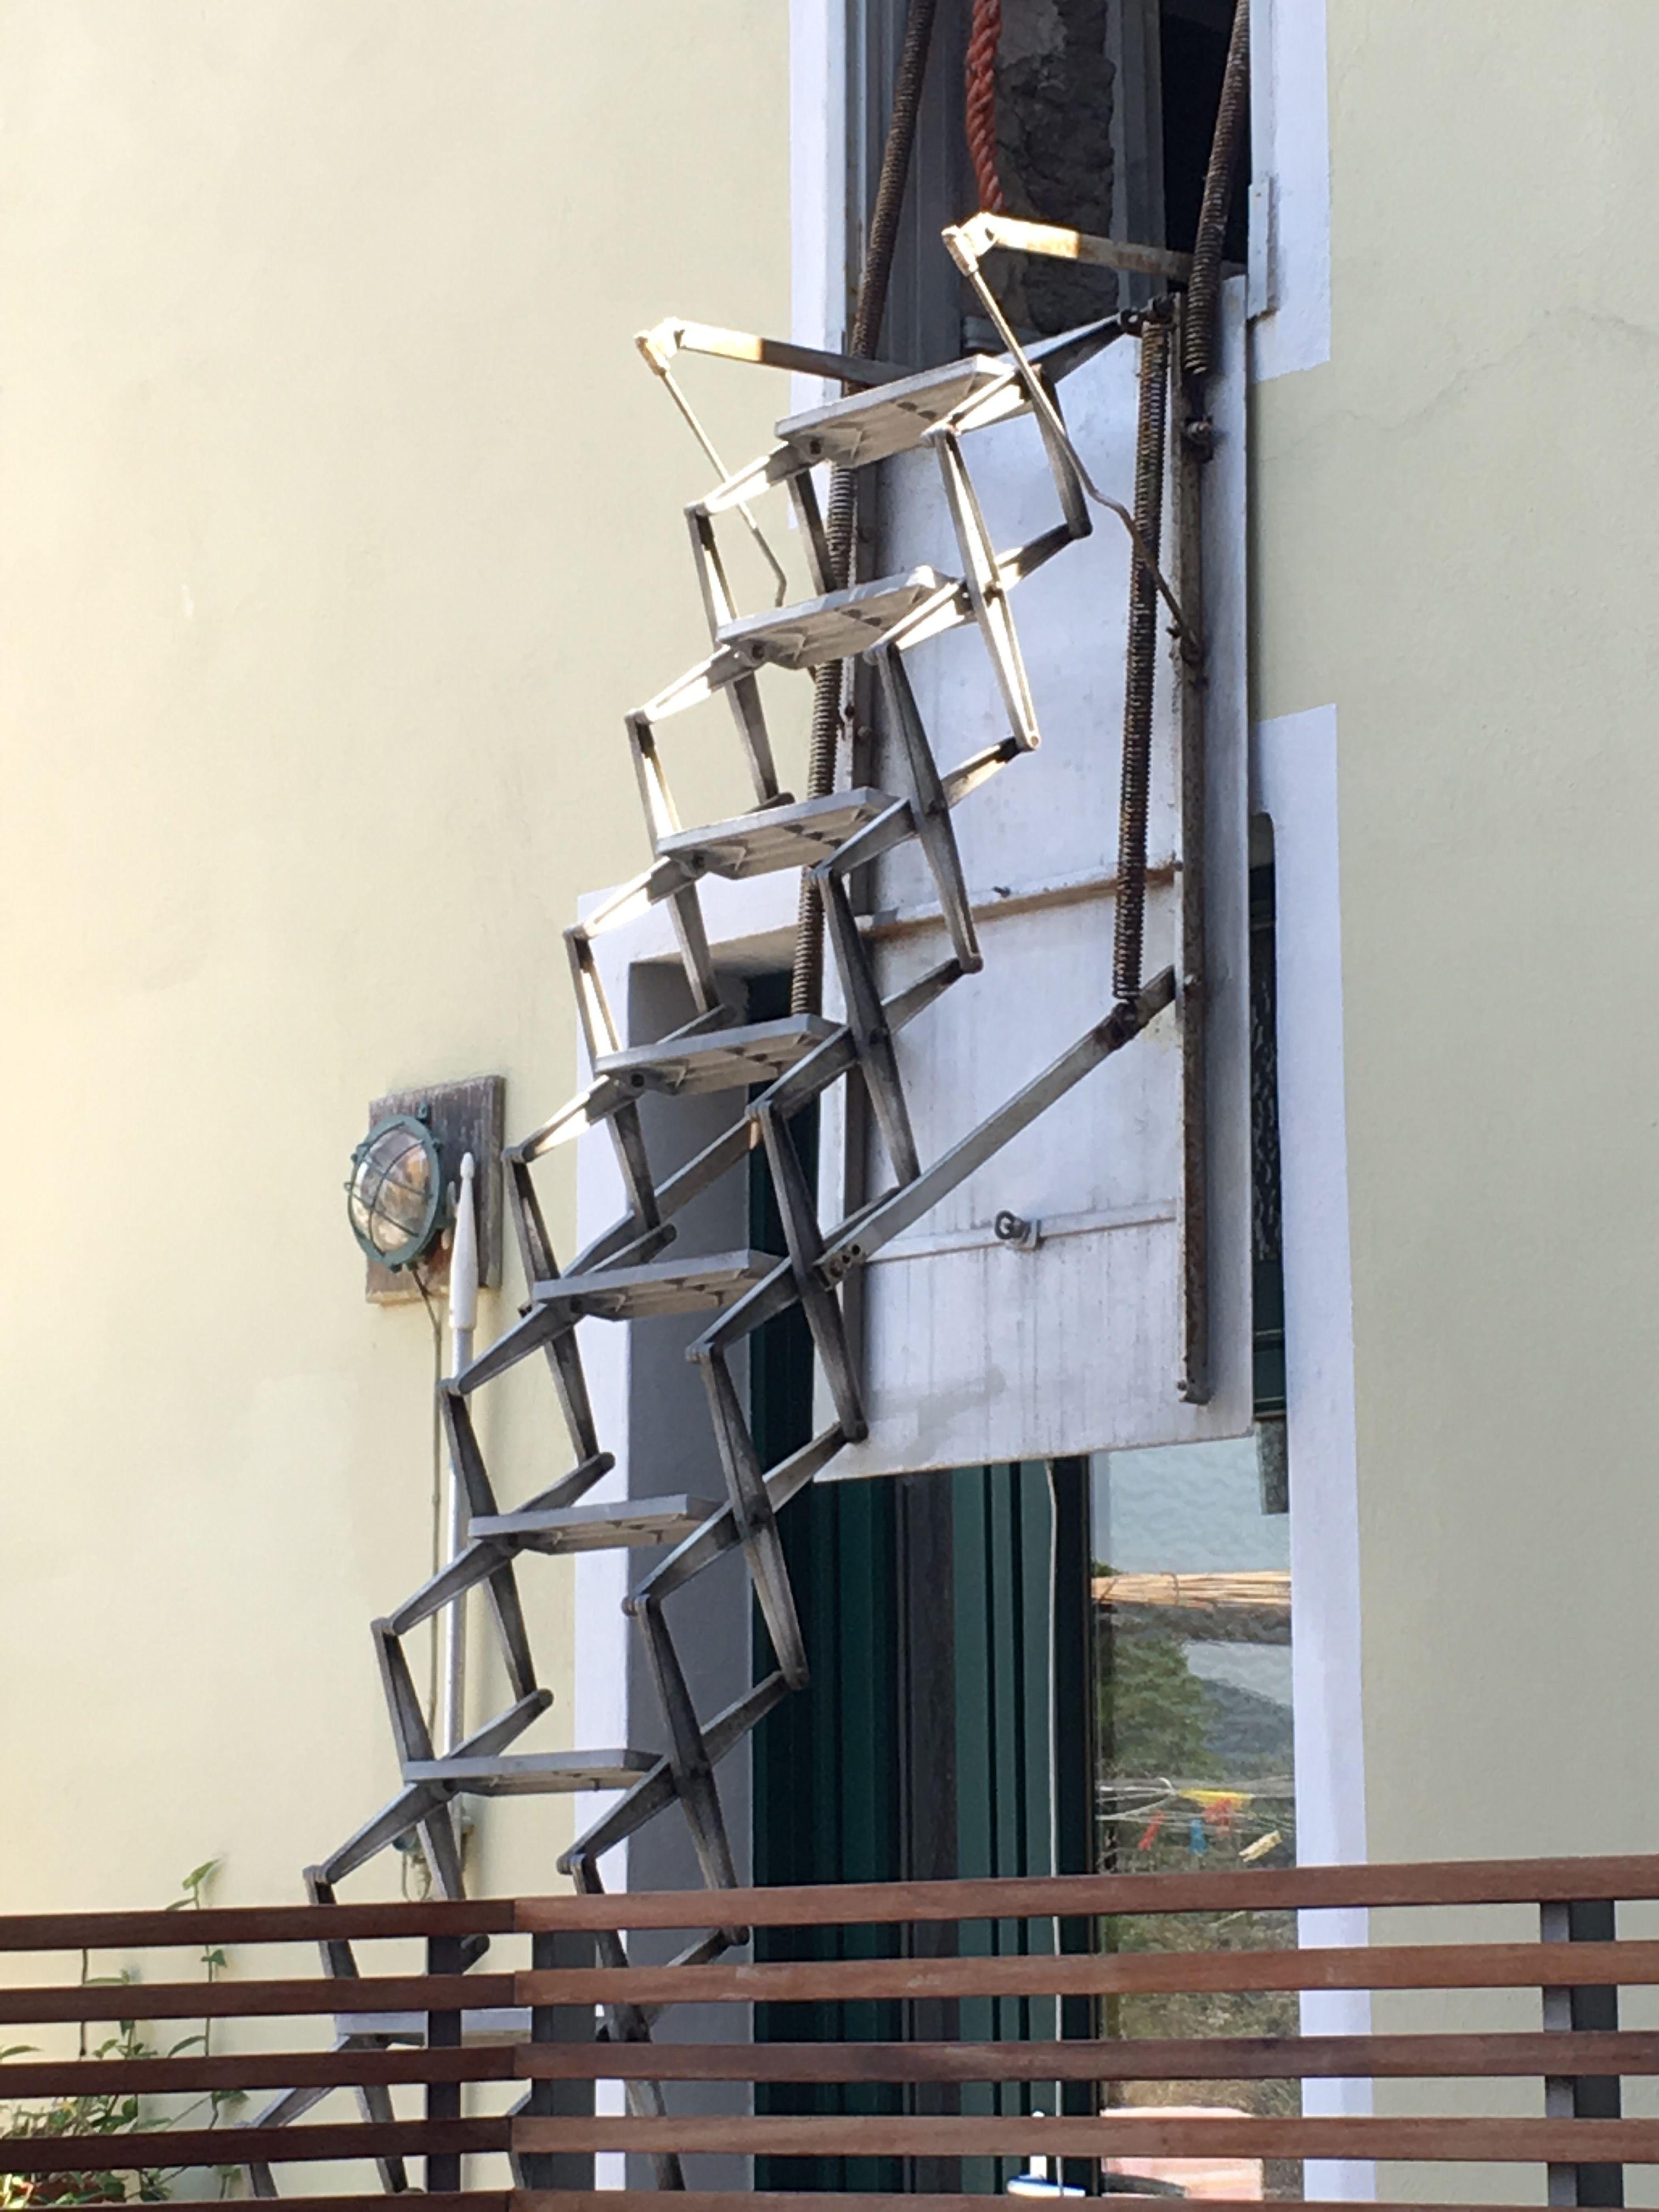 Escalier Escamotable Escalier Escamotable Escalier Materiaux